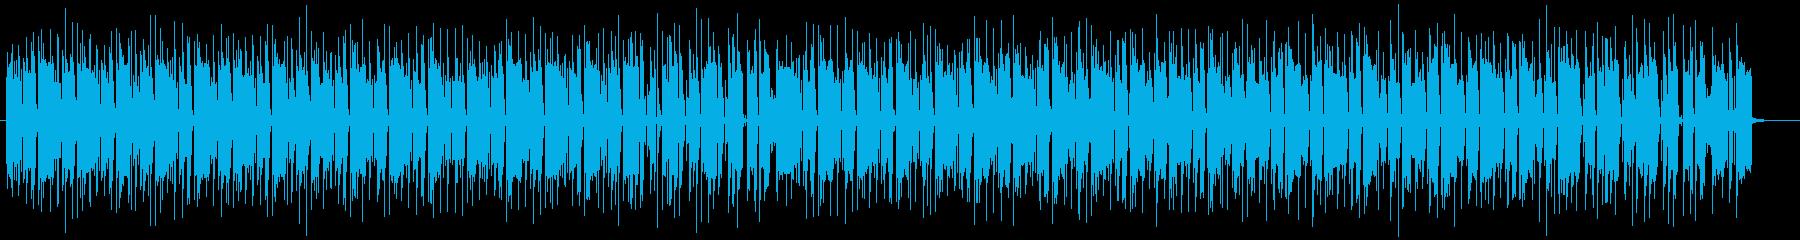 軽快なシンセリフレインミュージックの再生済みの波形